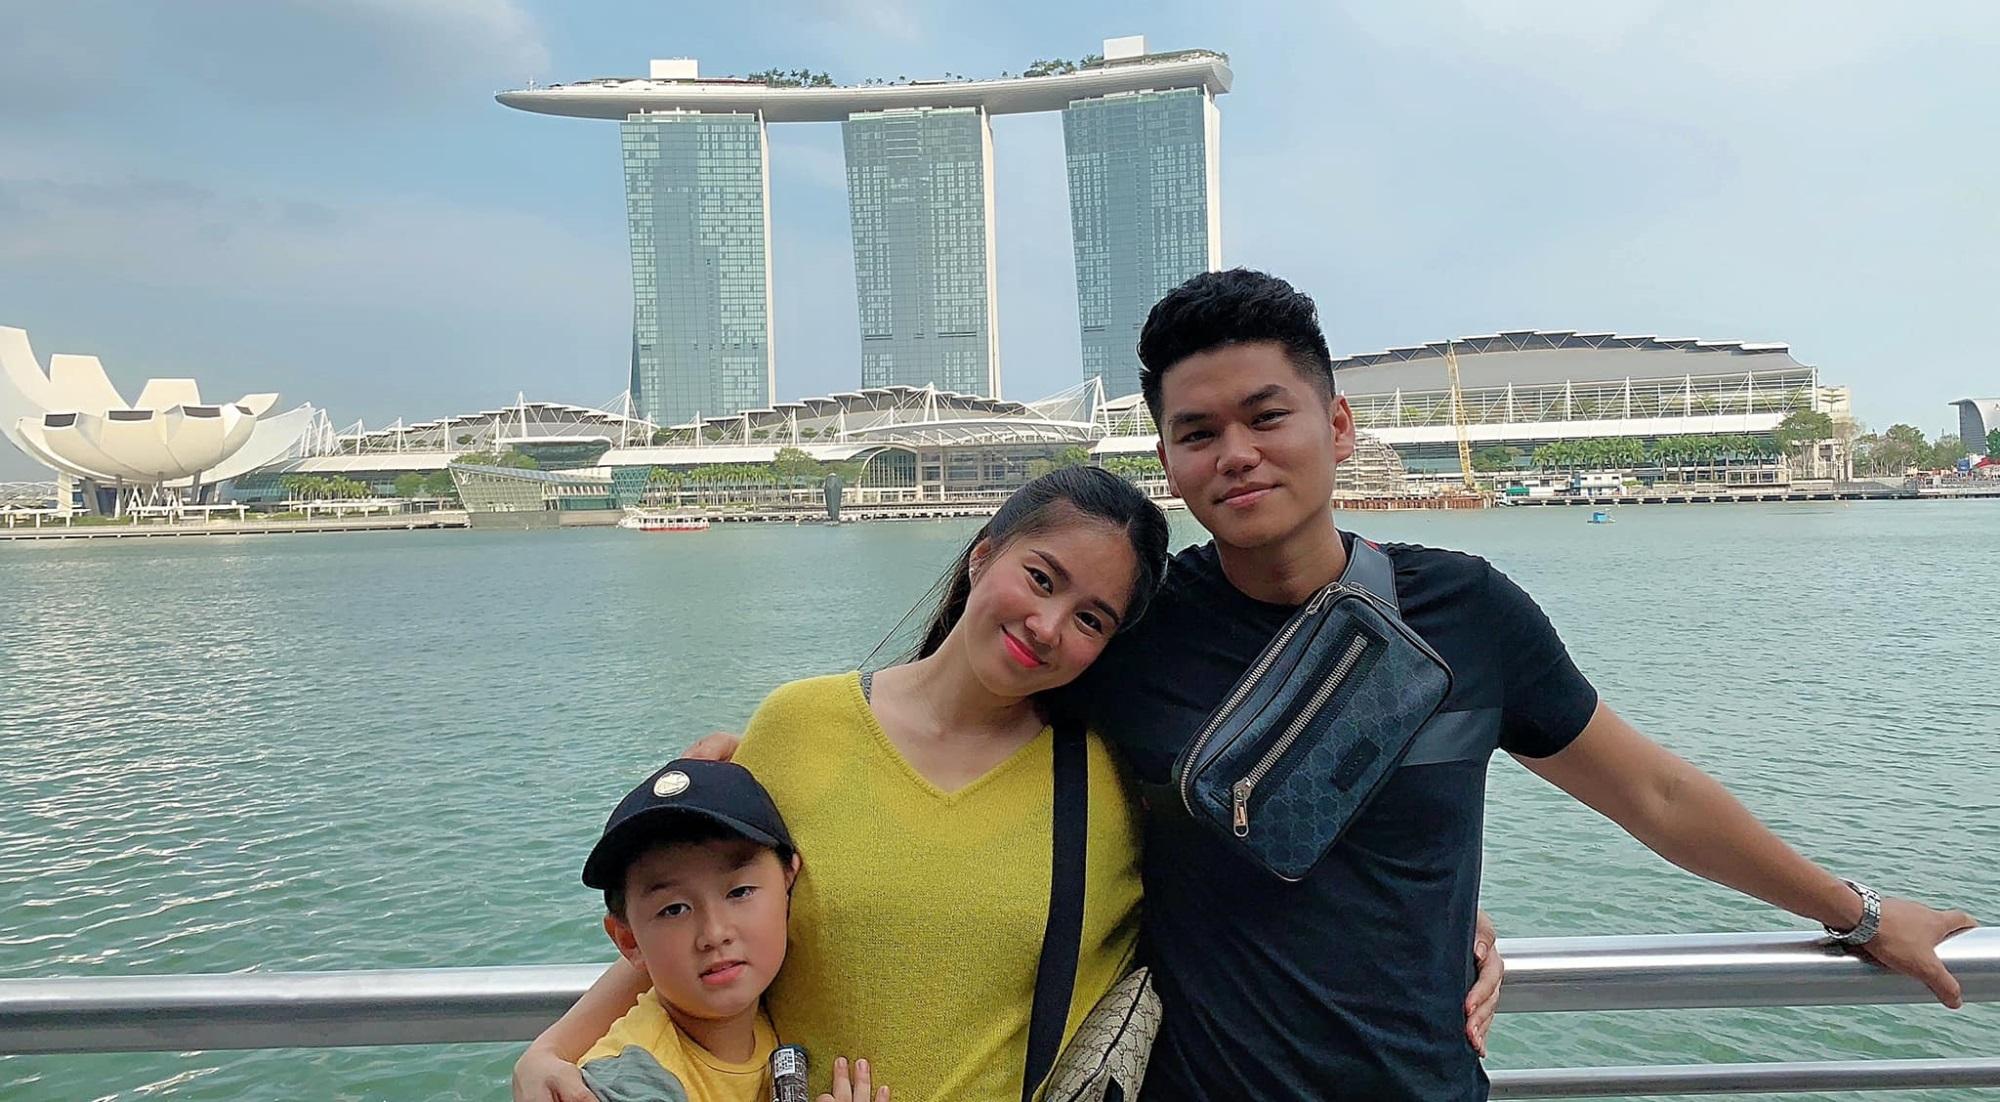 Hôn nhân tan vỡ, mỹ nhân Việt nên duyên cùng tình trẻ: Người được cưng chiều hết nấc, người kết hôn cùng 'phi công' kém 10 tuổi  - Ảnh 14